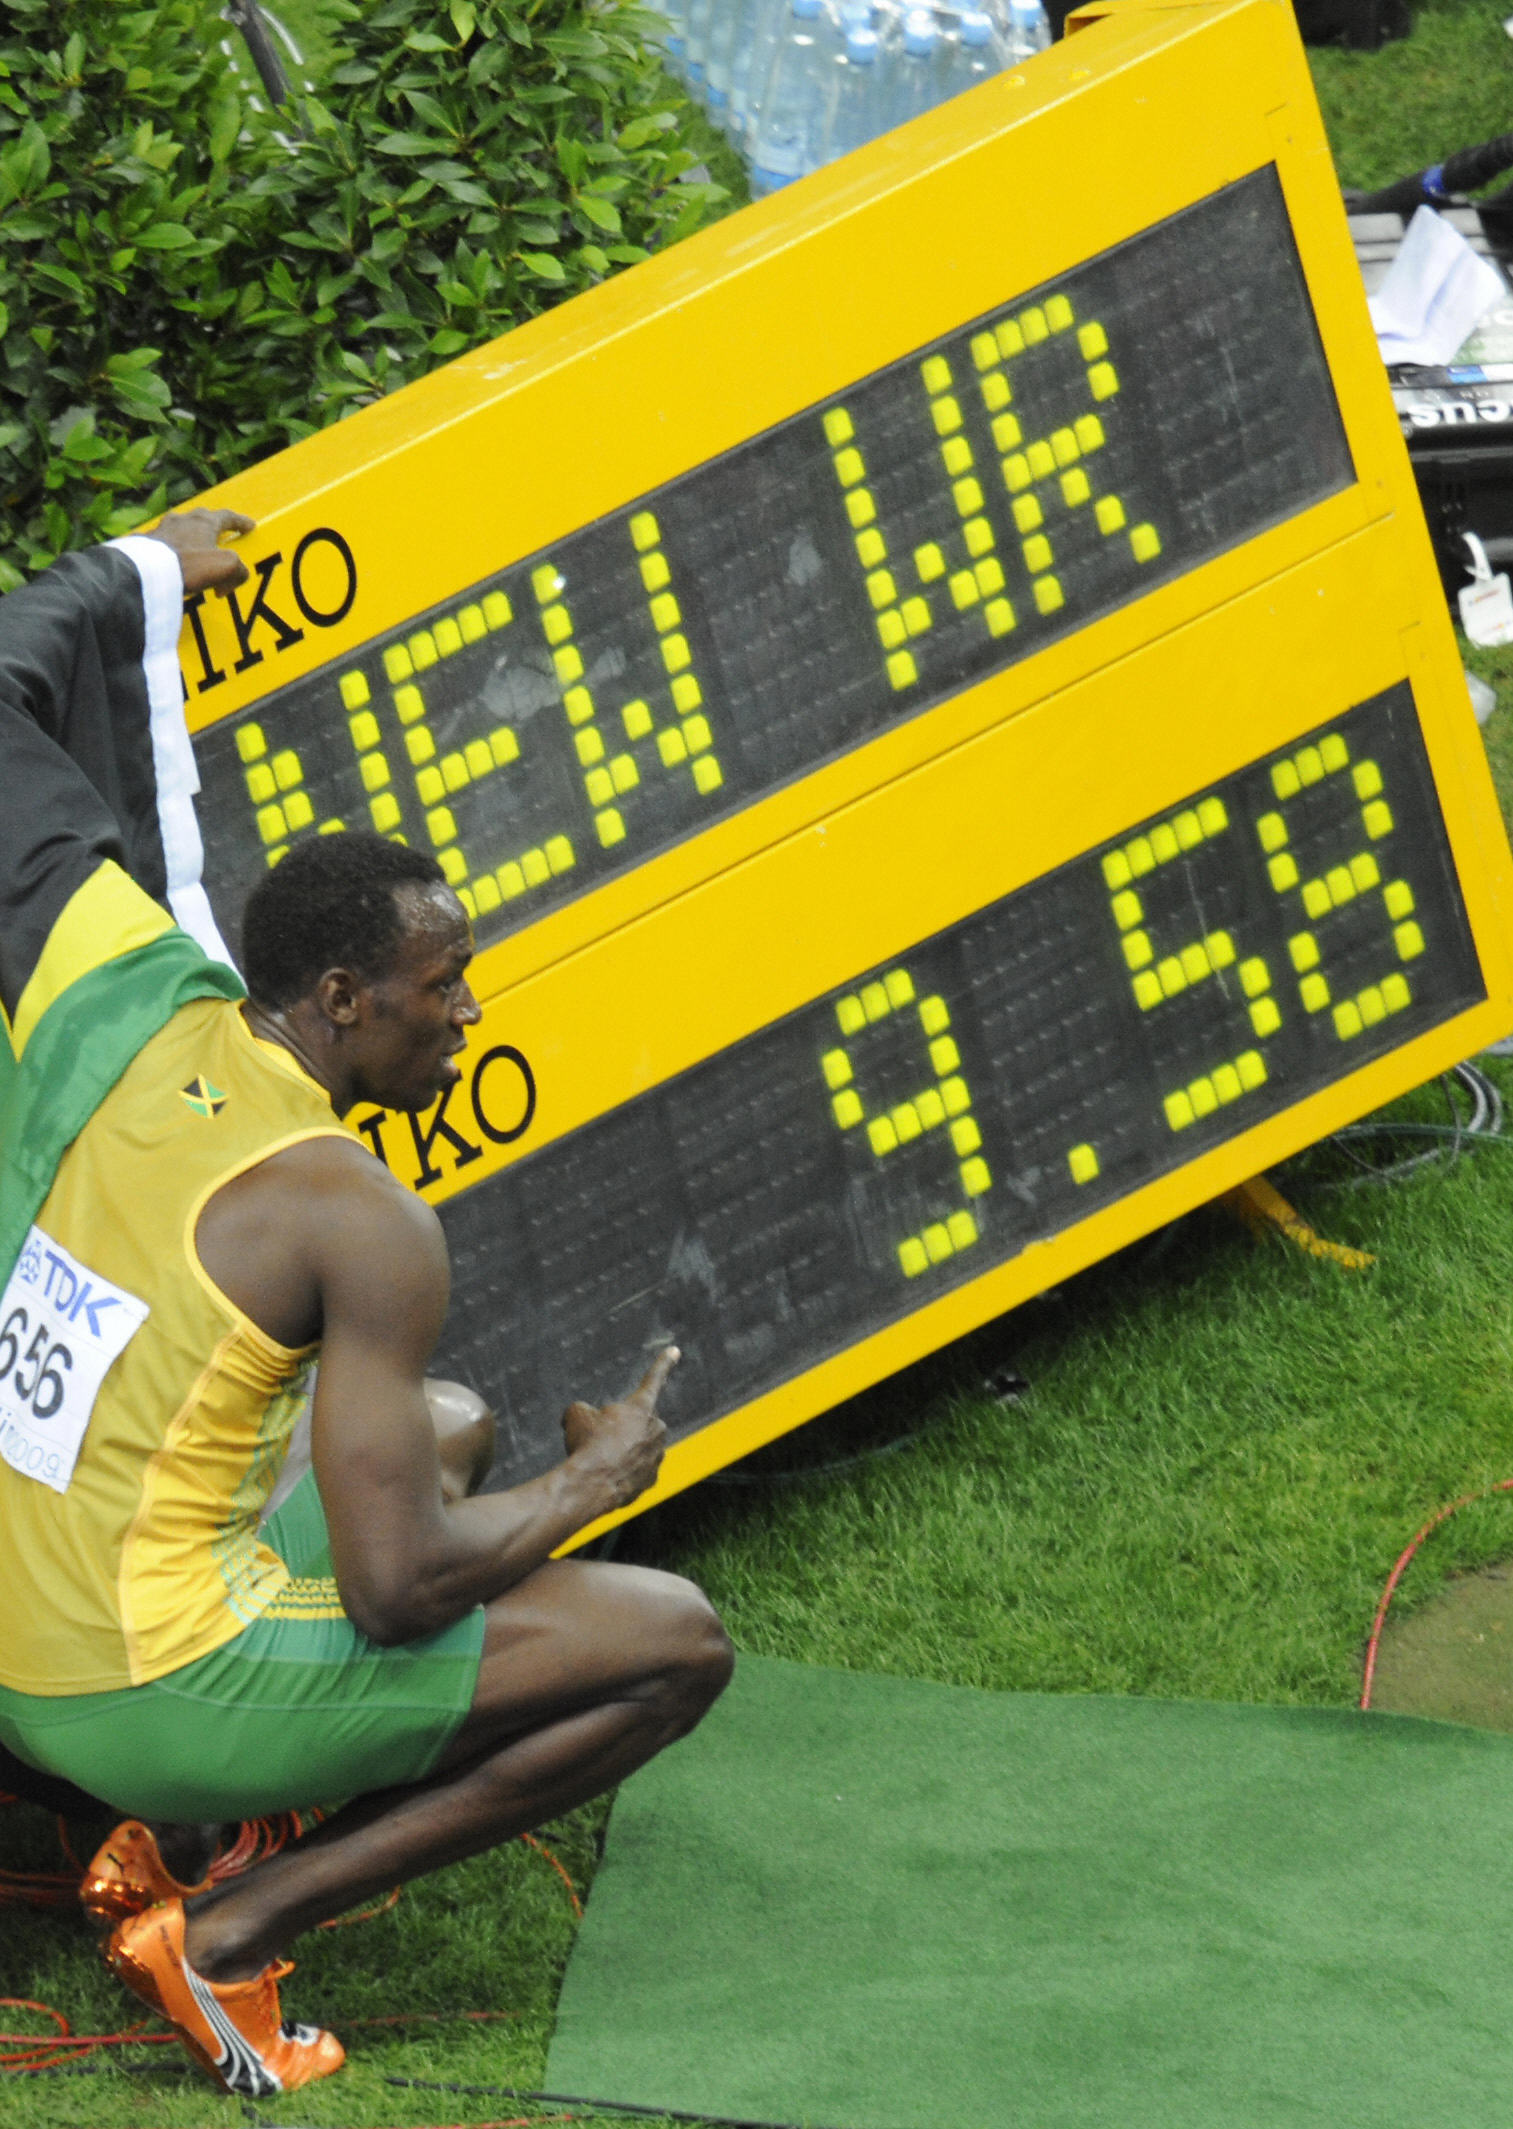 Bolt con su marca de 9,58.